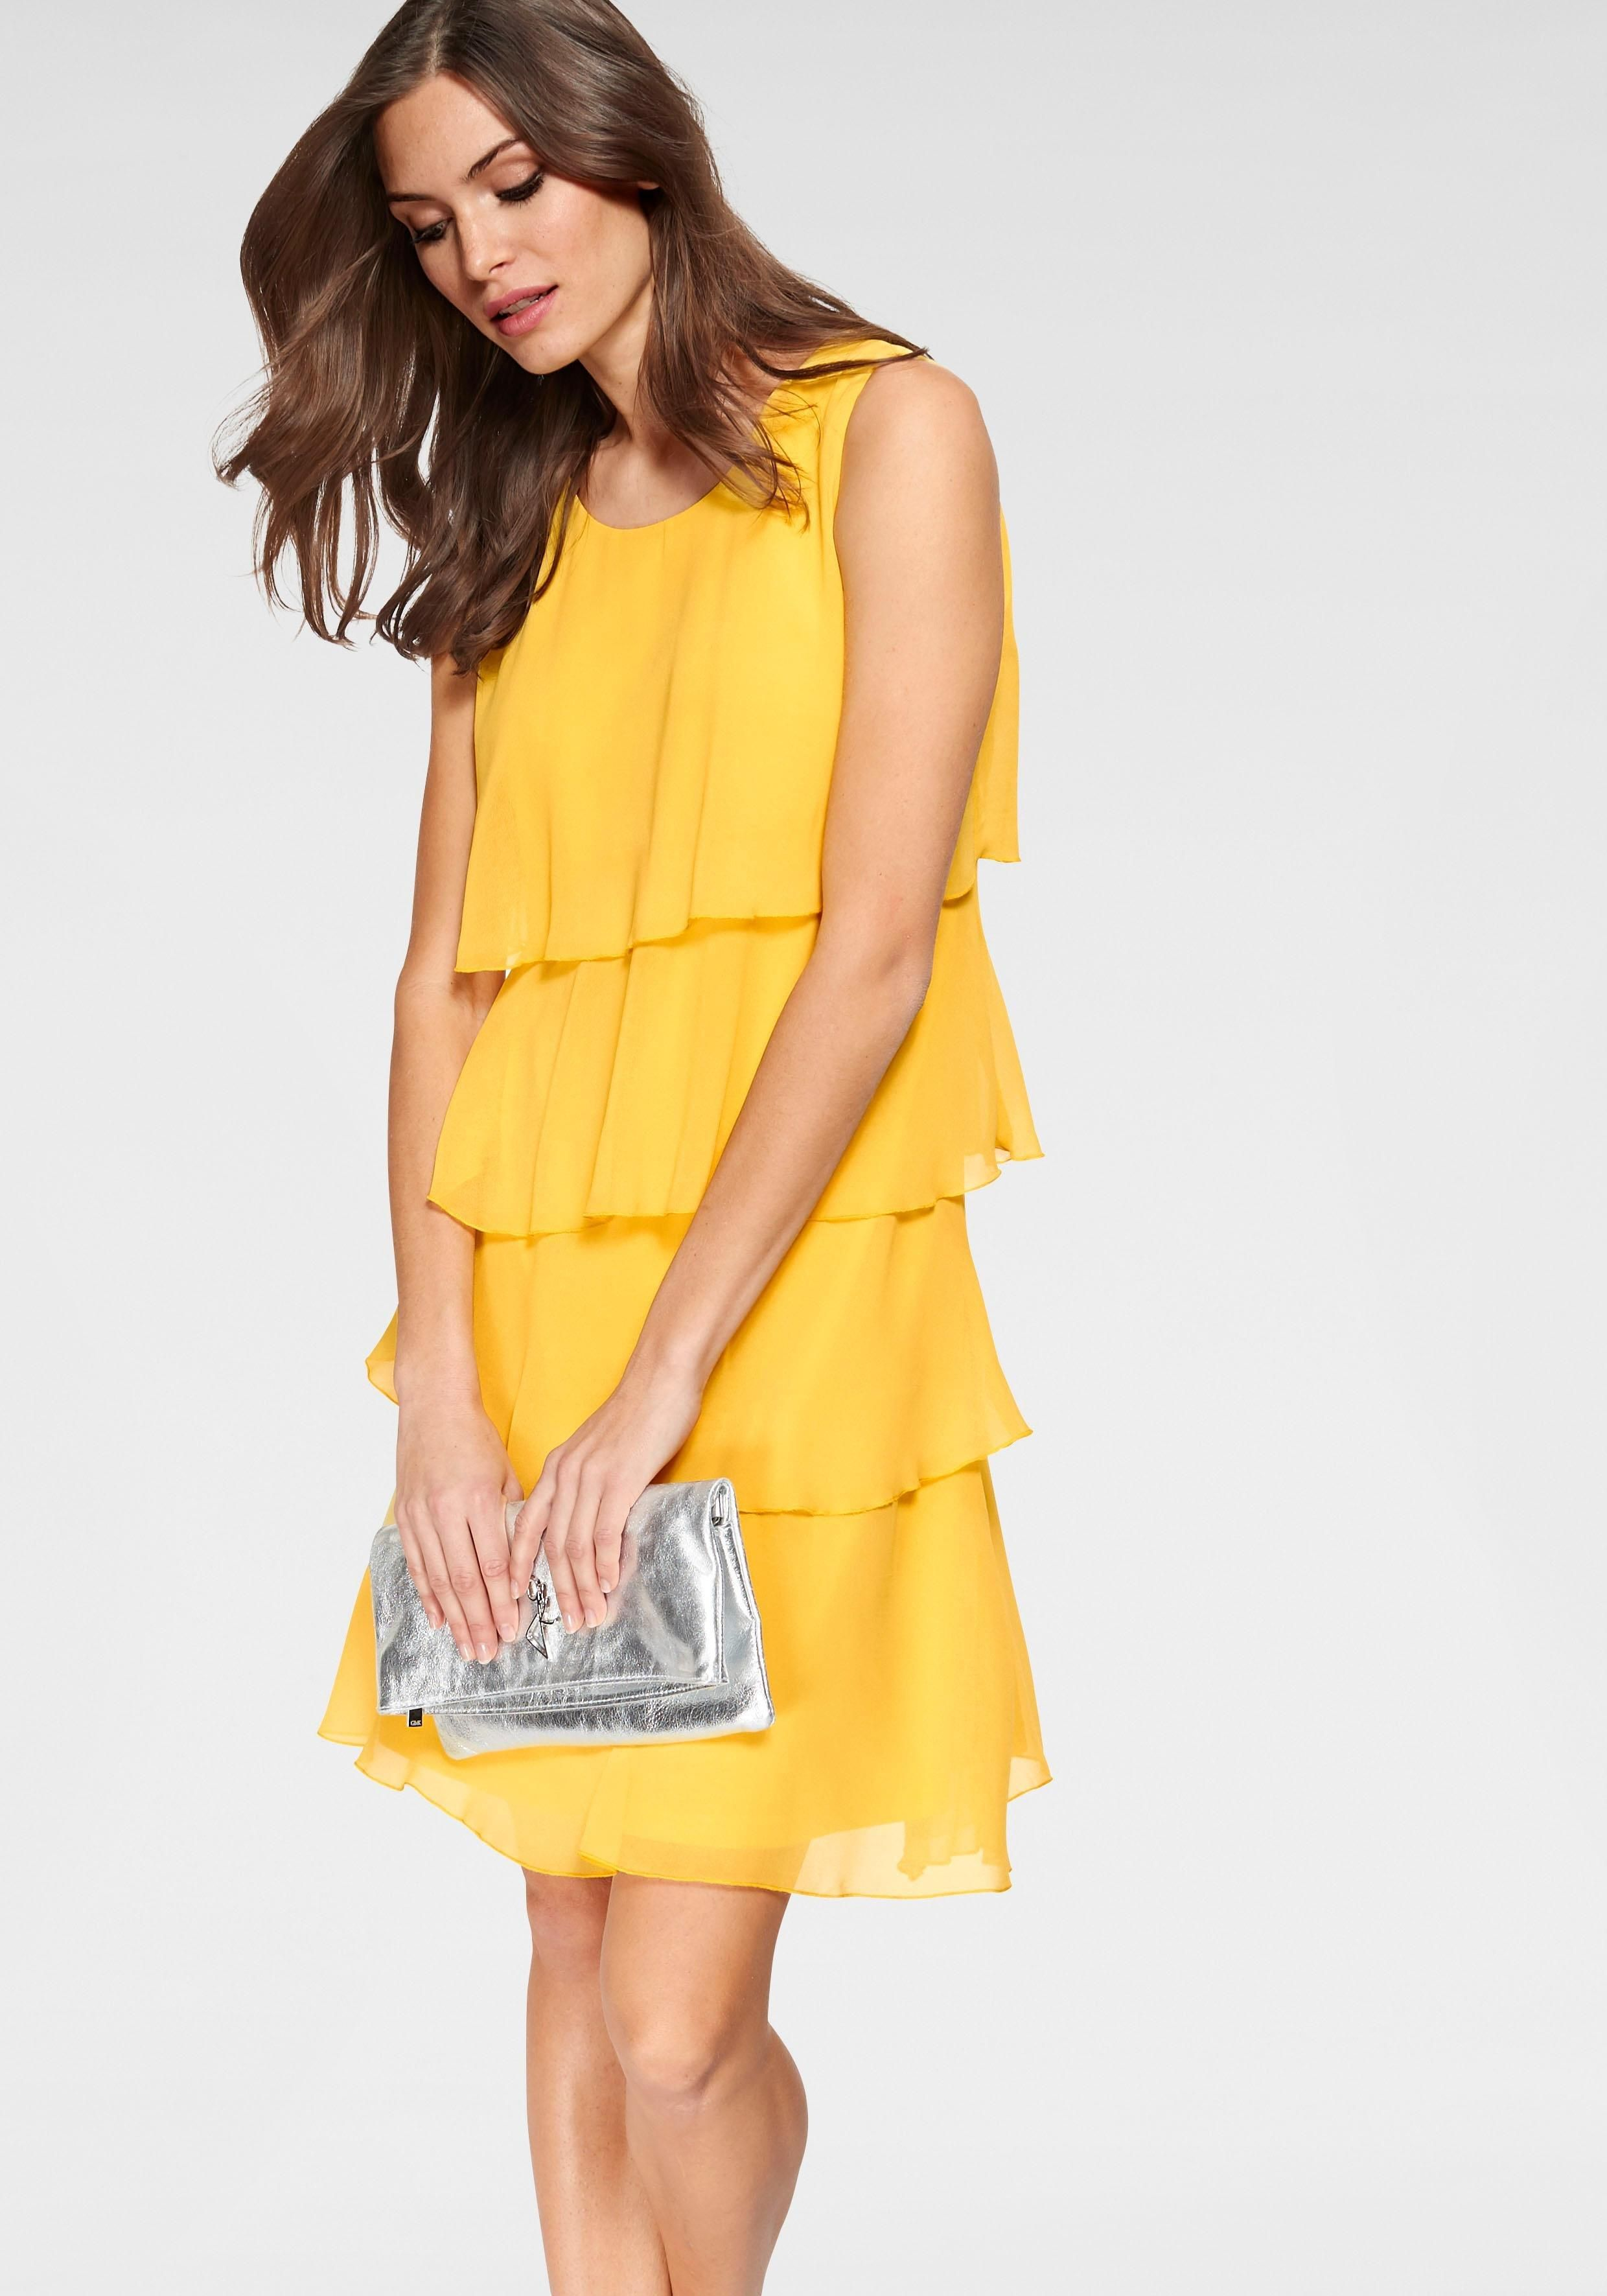 pin von i'm walking auf modetrend: gelb | sommerkleid